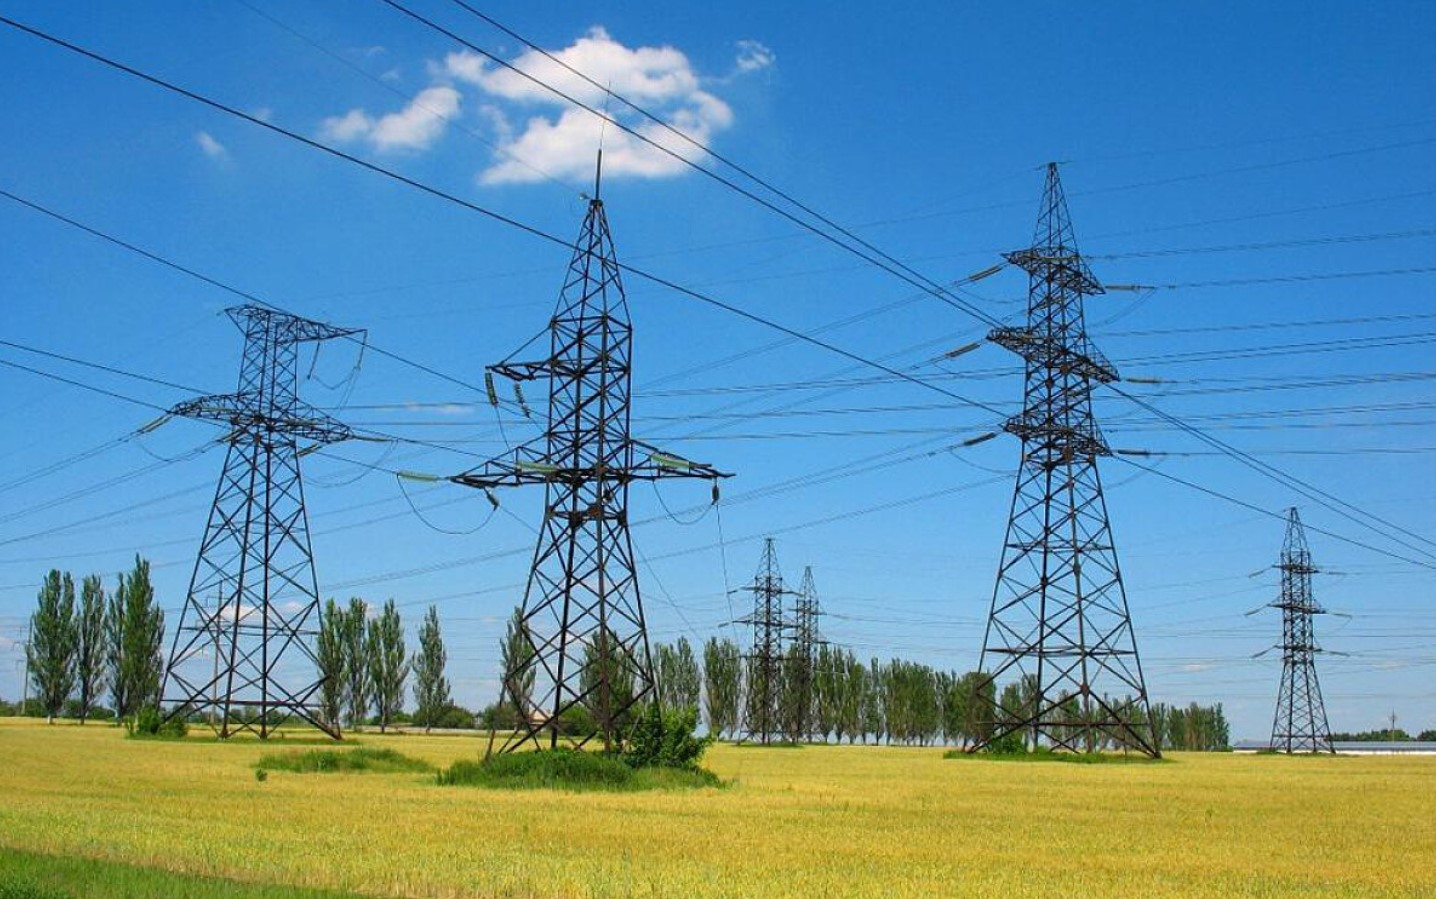 Антикризисный энергетический штаб (Антикризовий енергетичний штаб)